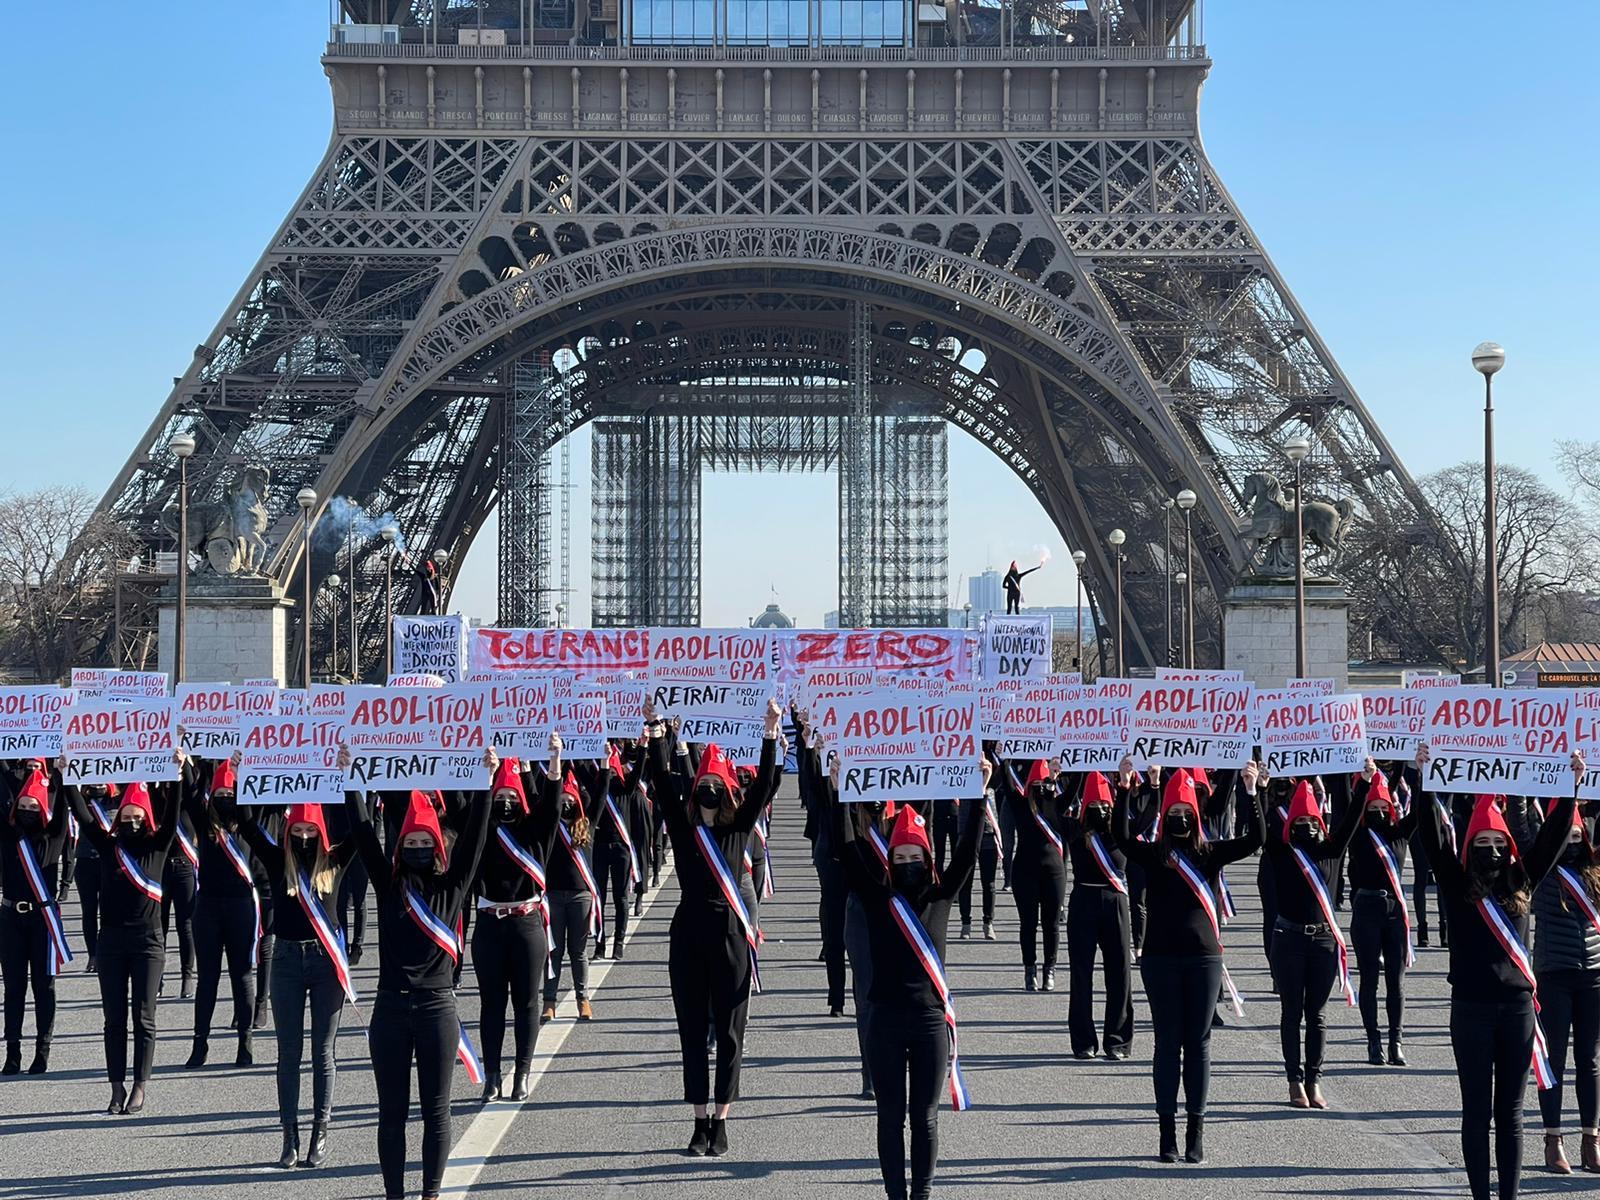 Image - Tolérance zéro pour toutes les atteintes et les menaces pour les droits des femmes !